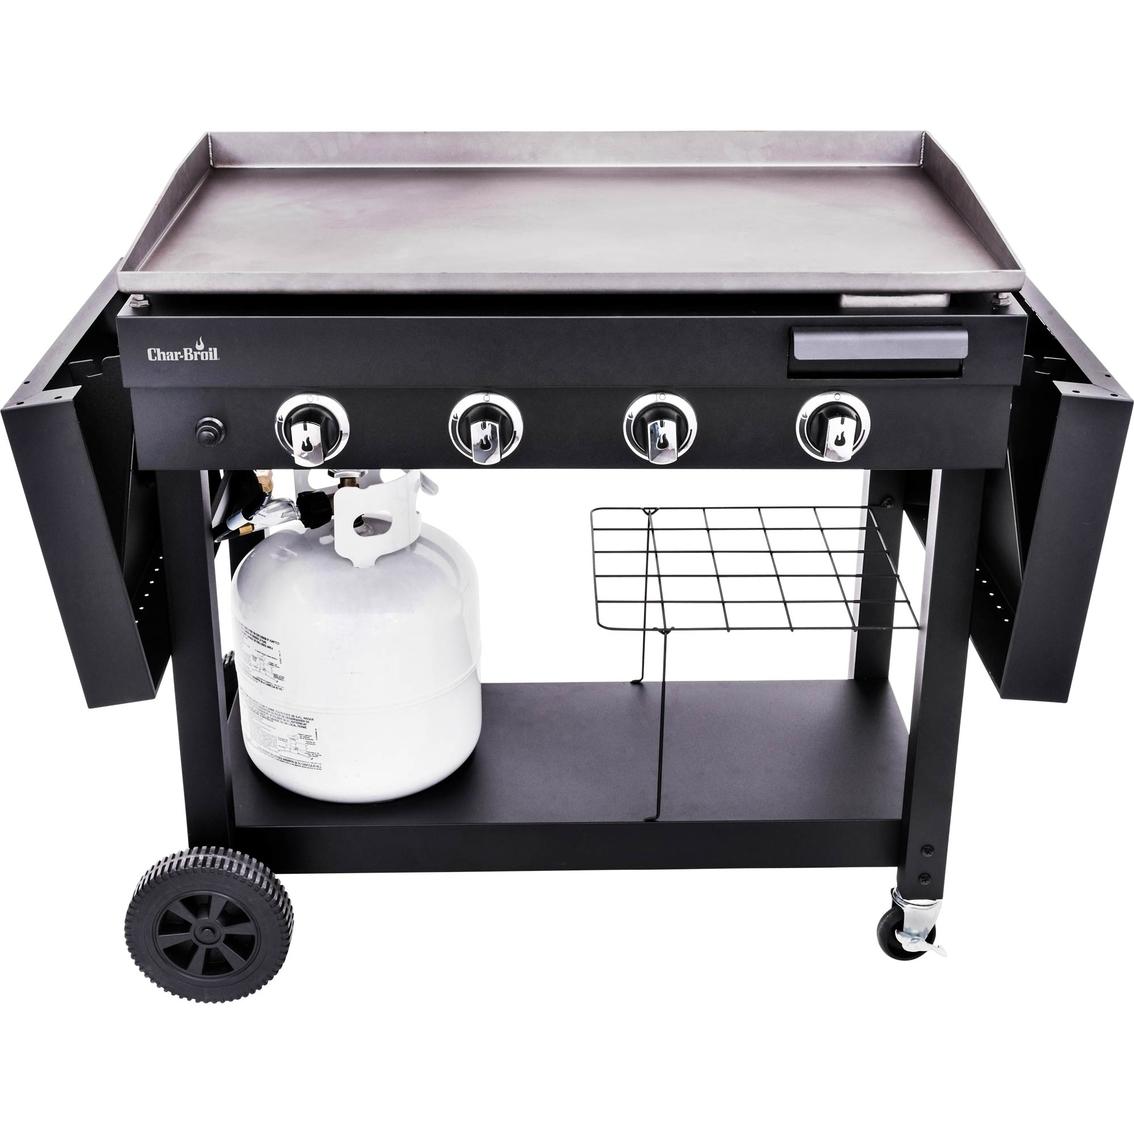 Char-broil 4 Burner Gas Griddle | Gas Grills | More | Shop The Exchange